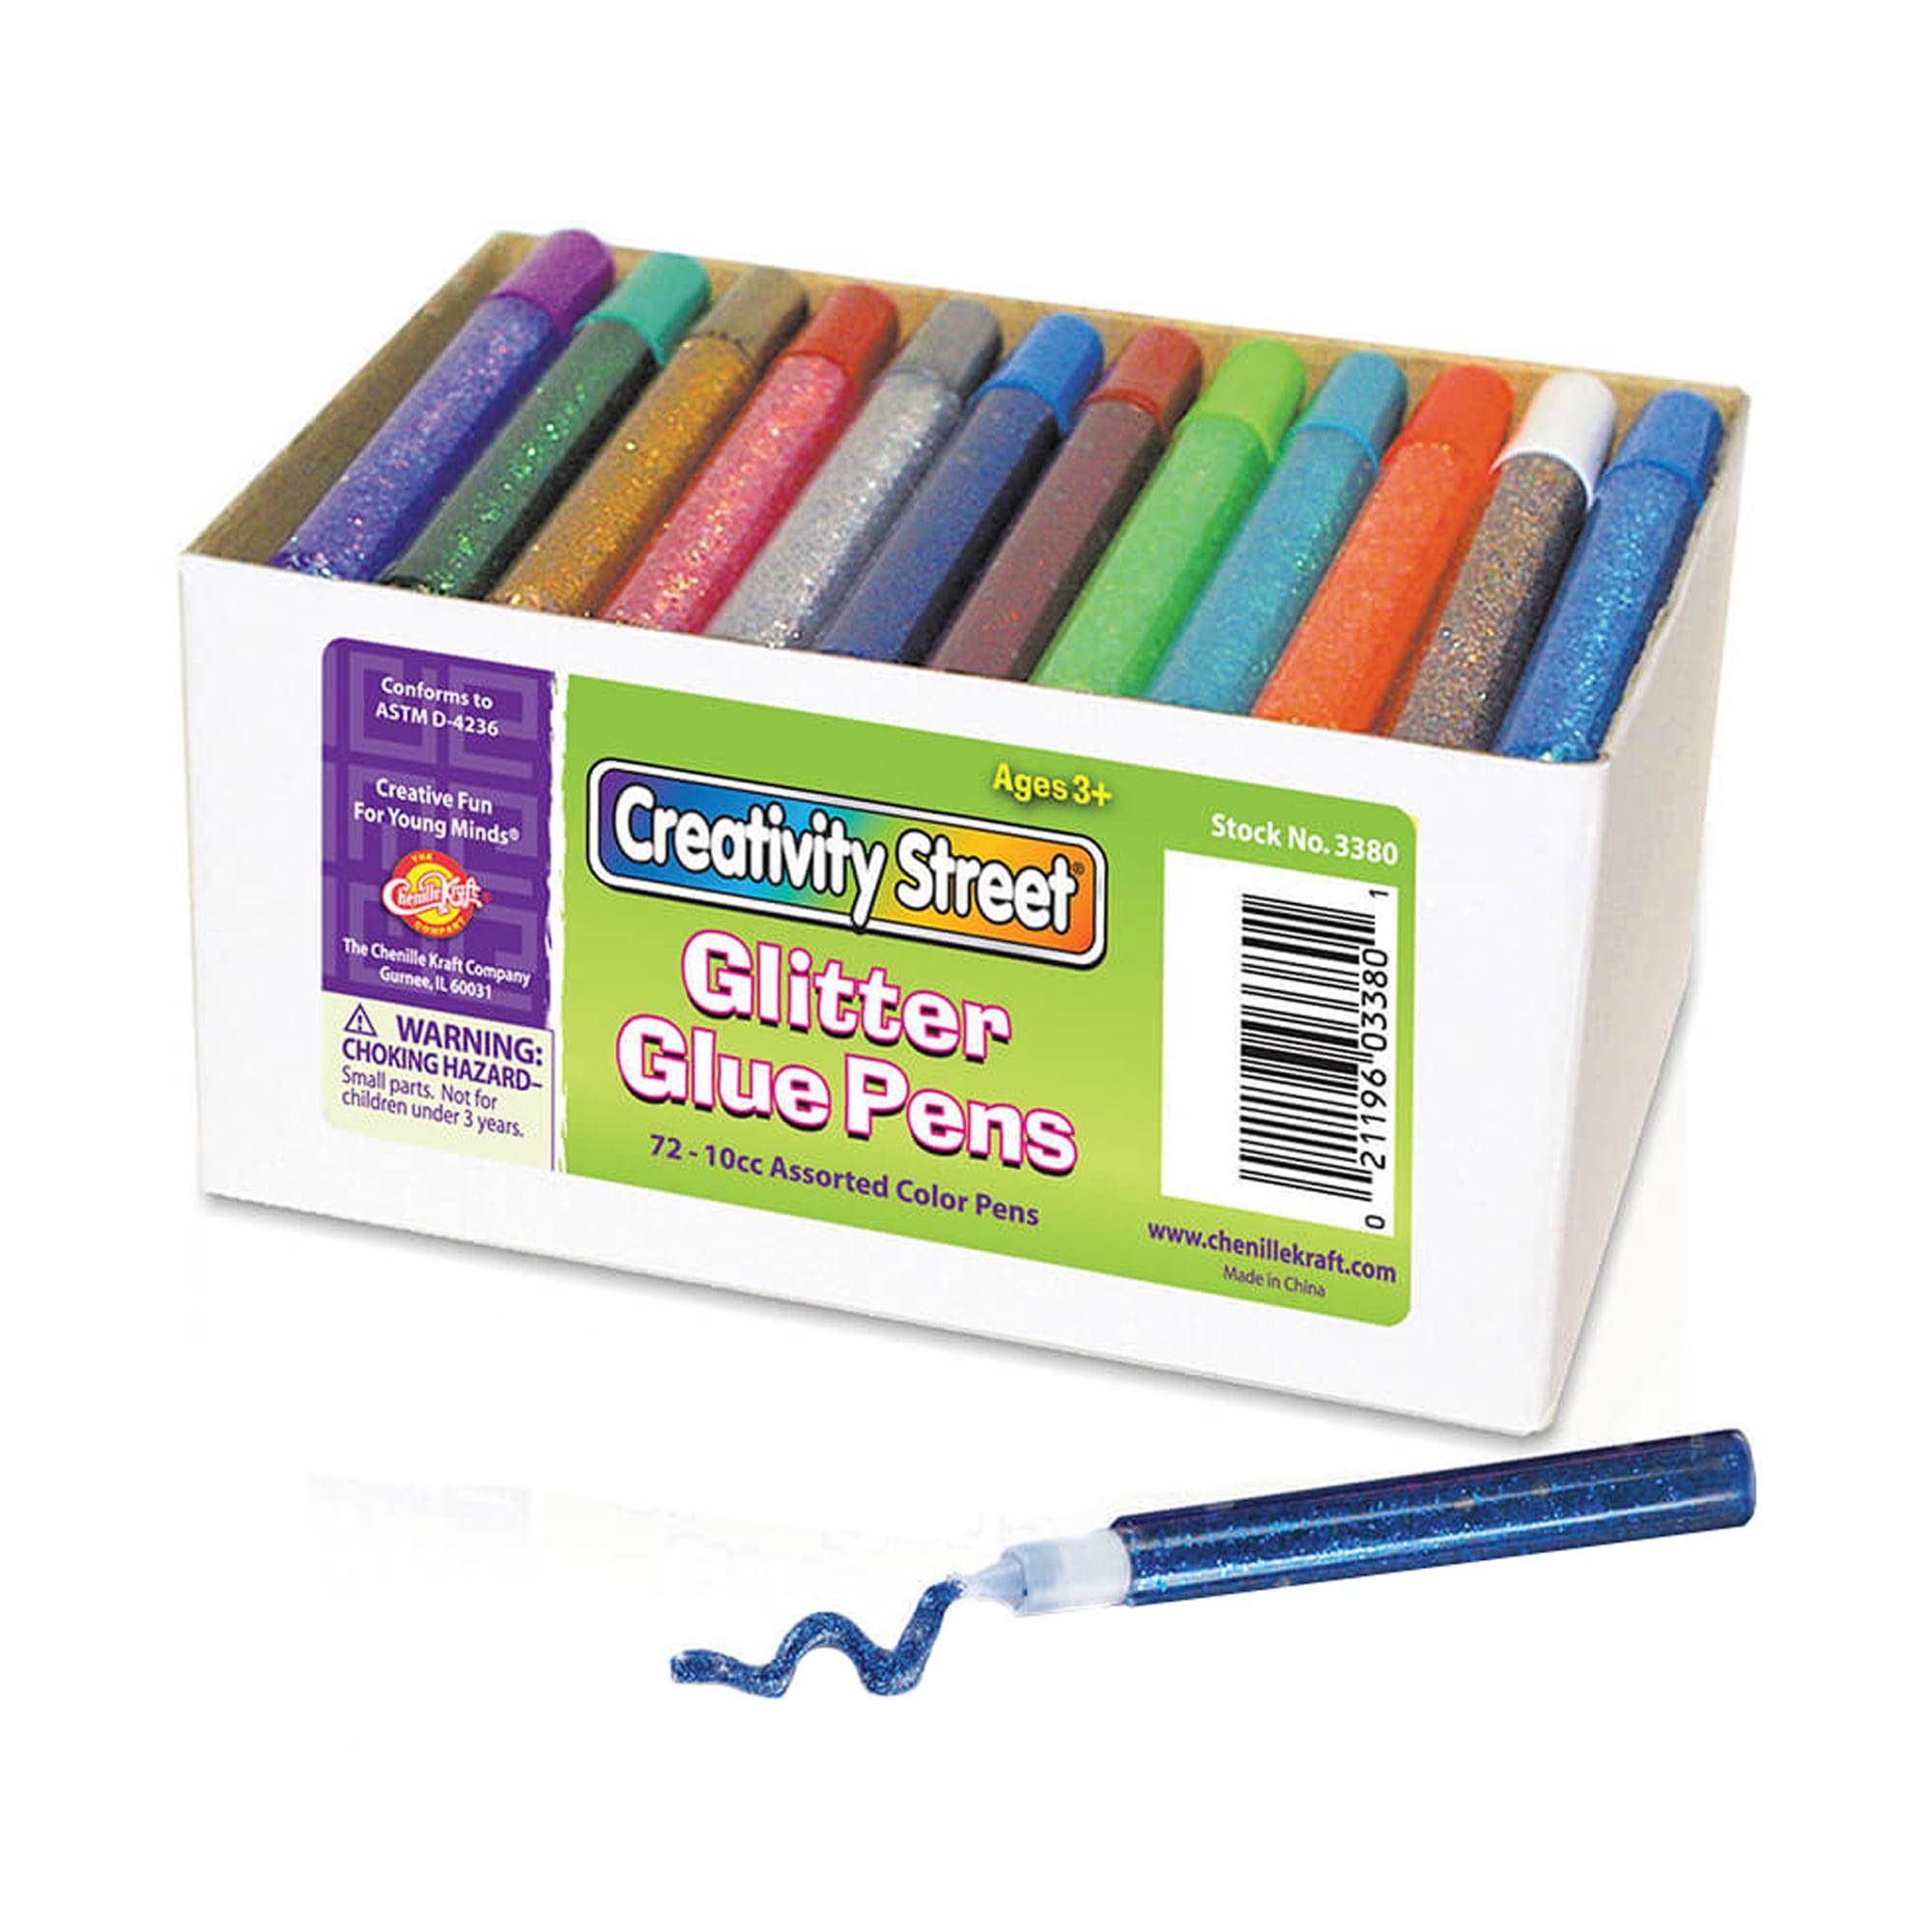 Glitter Glue Pens, Classpack, 72 assorted colors